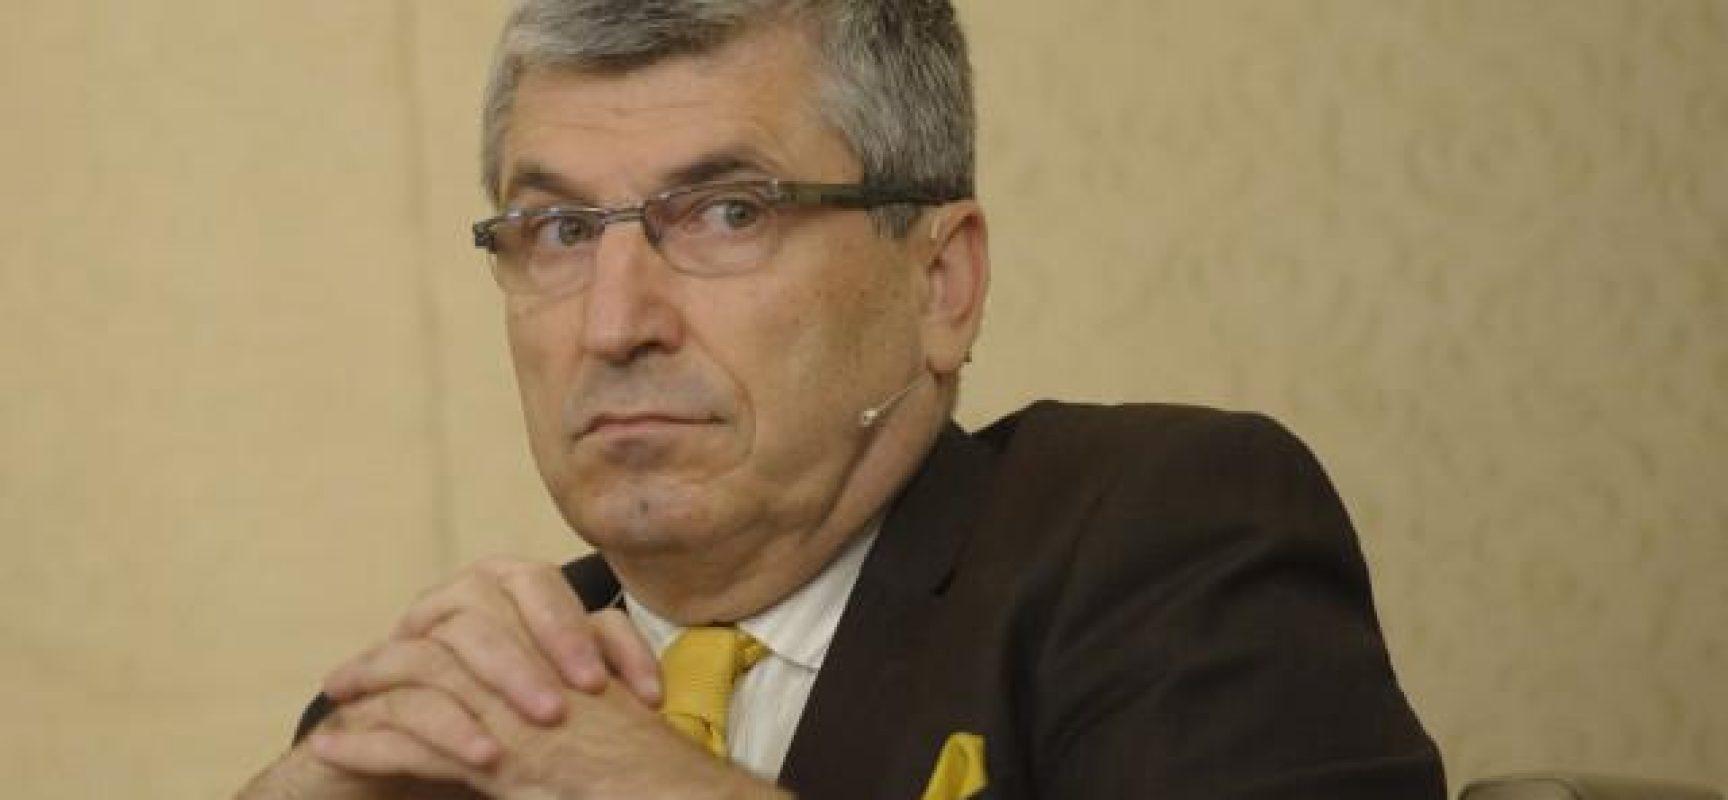 Илиян Василев: Путин атакува Меркел и България – това е фронтова линия